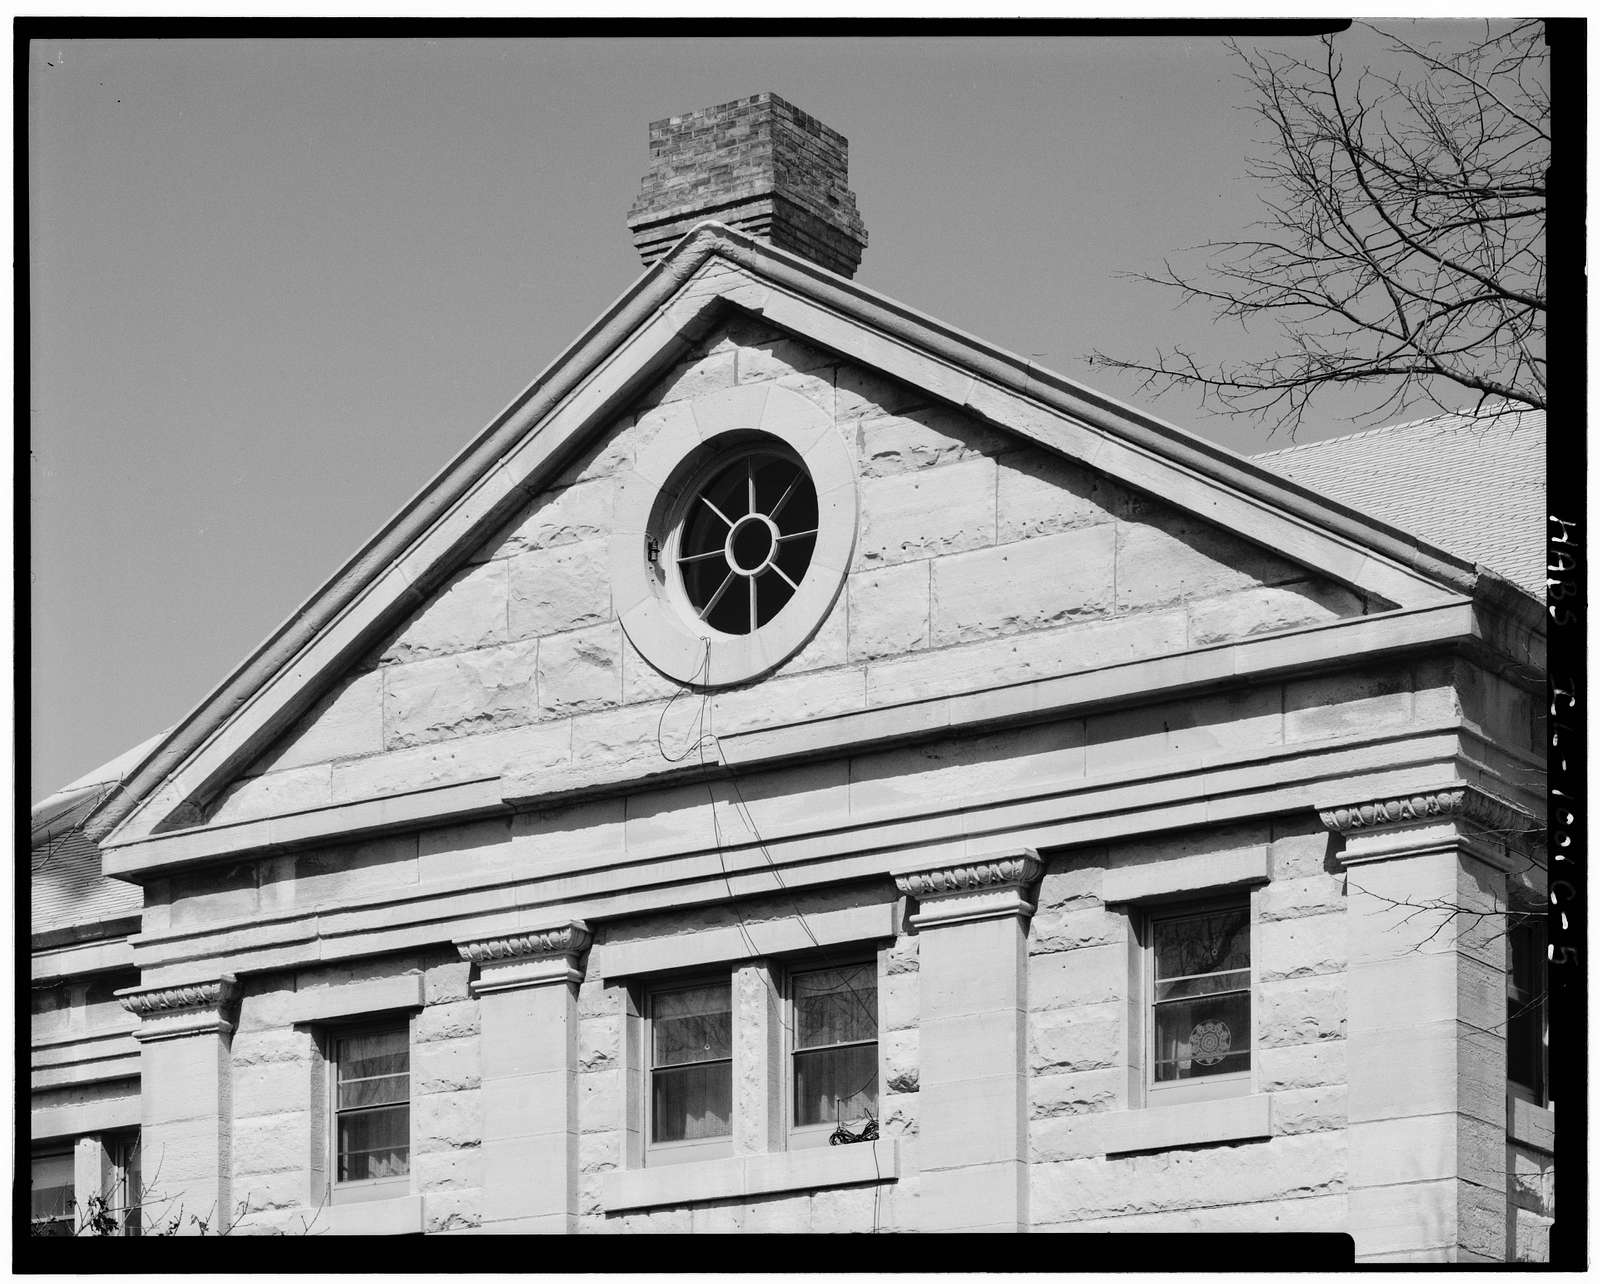 Rock Island Arsenal, Building No. 360, Gillespie Avenue between Rodman Avenue & North Avenue, Rock Island, Rock Island County, IL